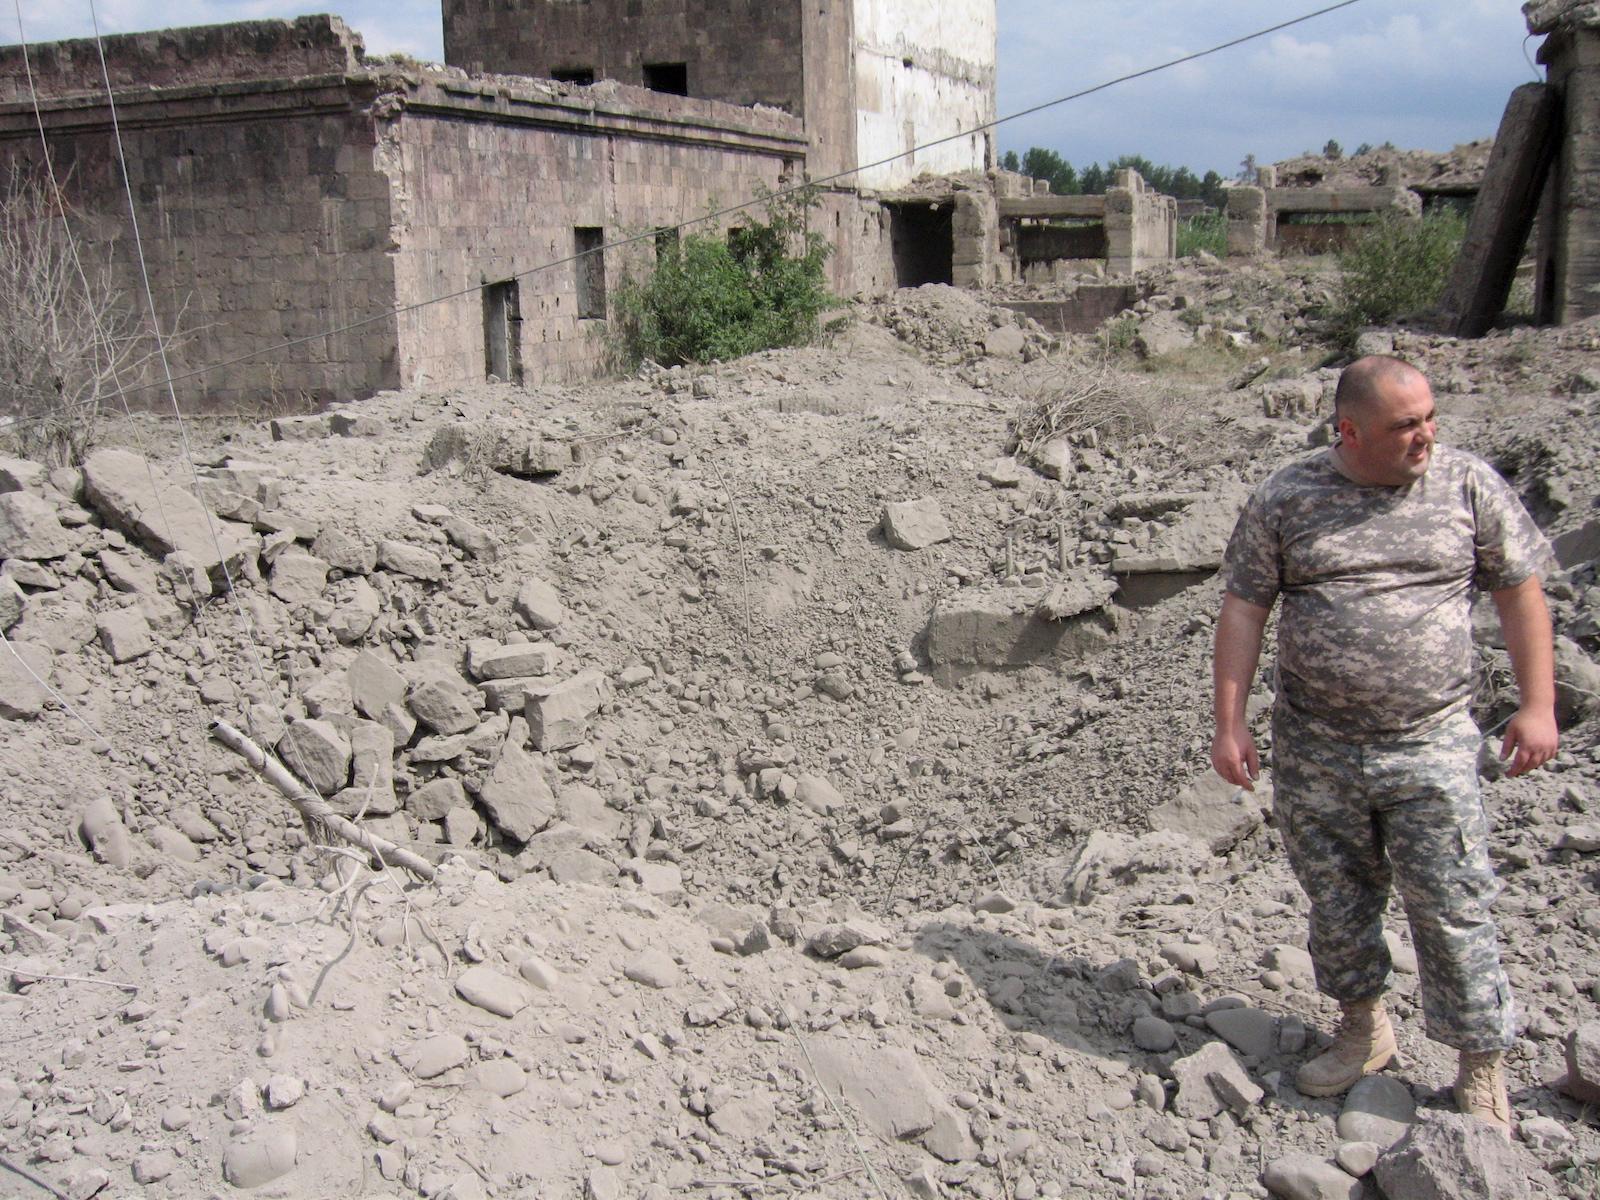 გორი, ადგილი, სადაც სამხედრო თვითმფრინავმა ბომბი ჩამოაგდო. 08.08.08 © EPA/ZURAB KURTSIKIDZE